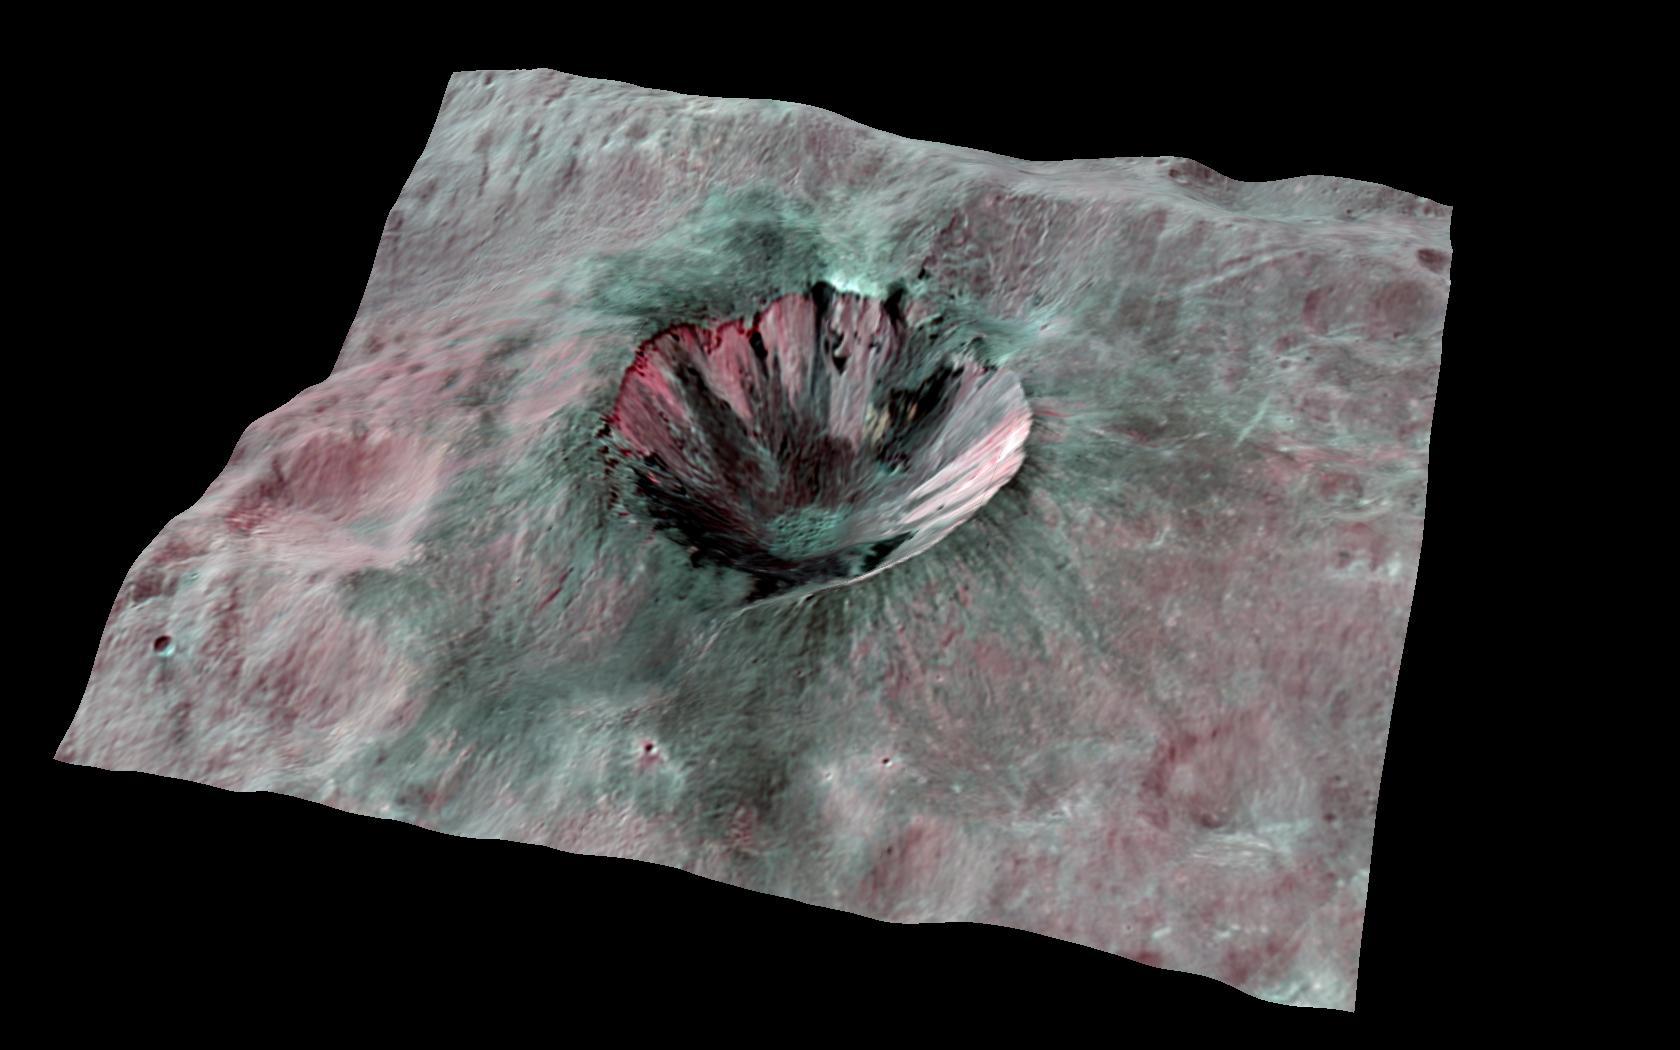 Dark Streaks on Huge Asteroid Vesta